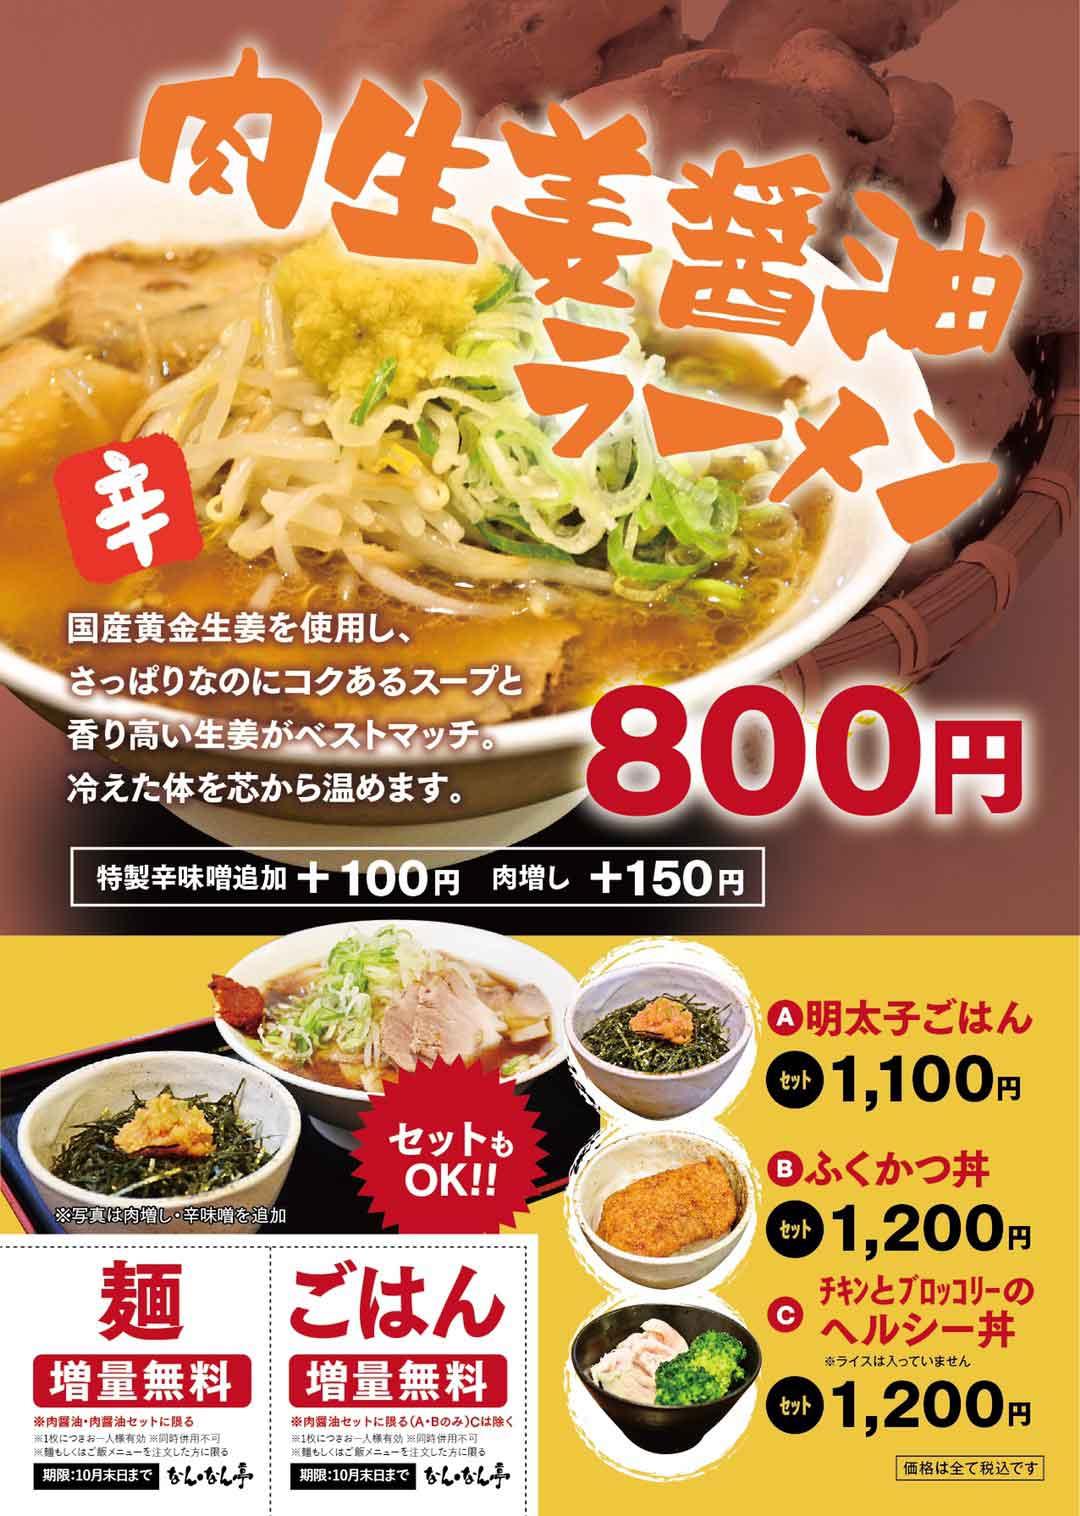 肉生姜醤油ラーメン